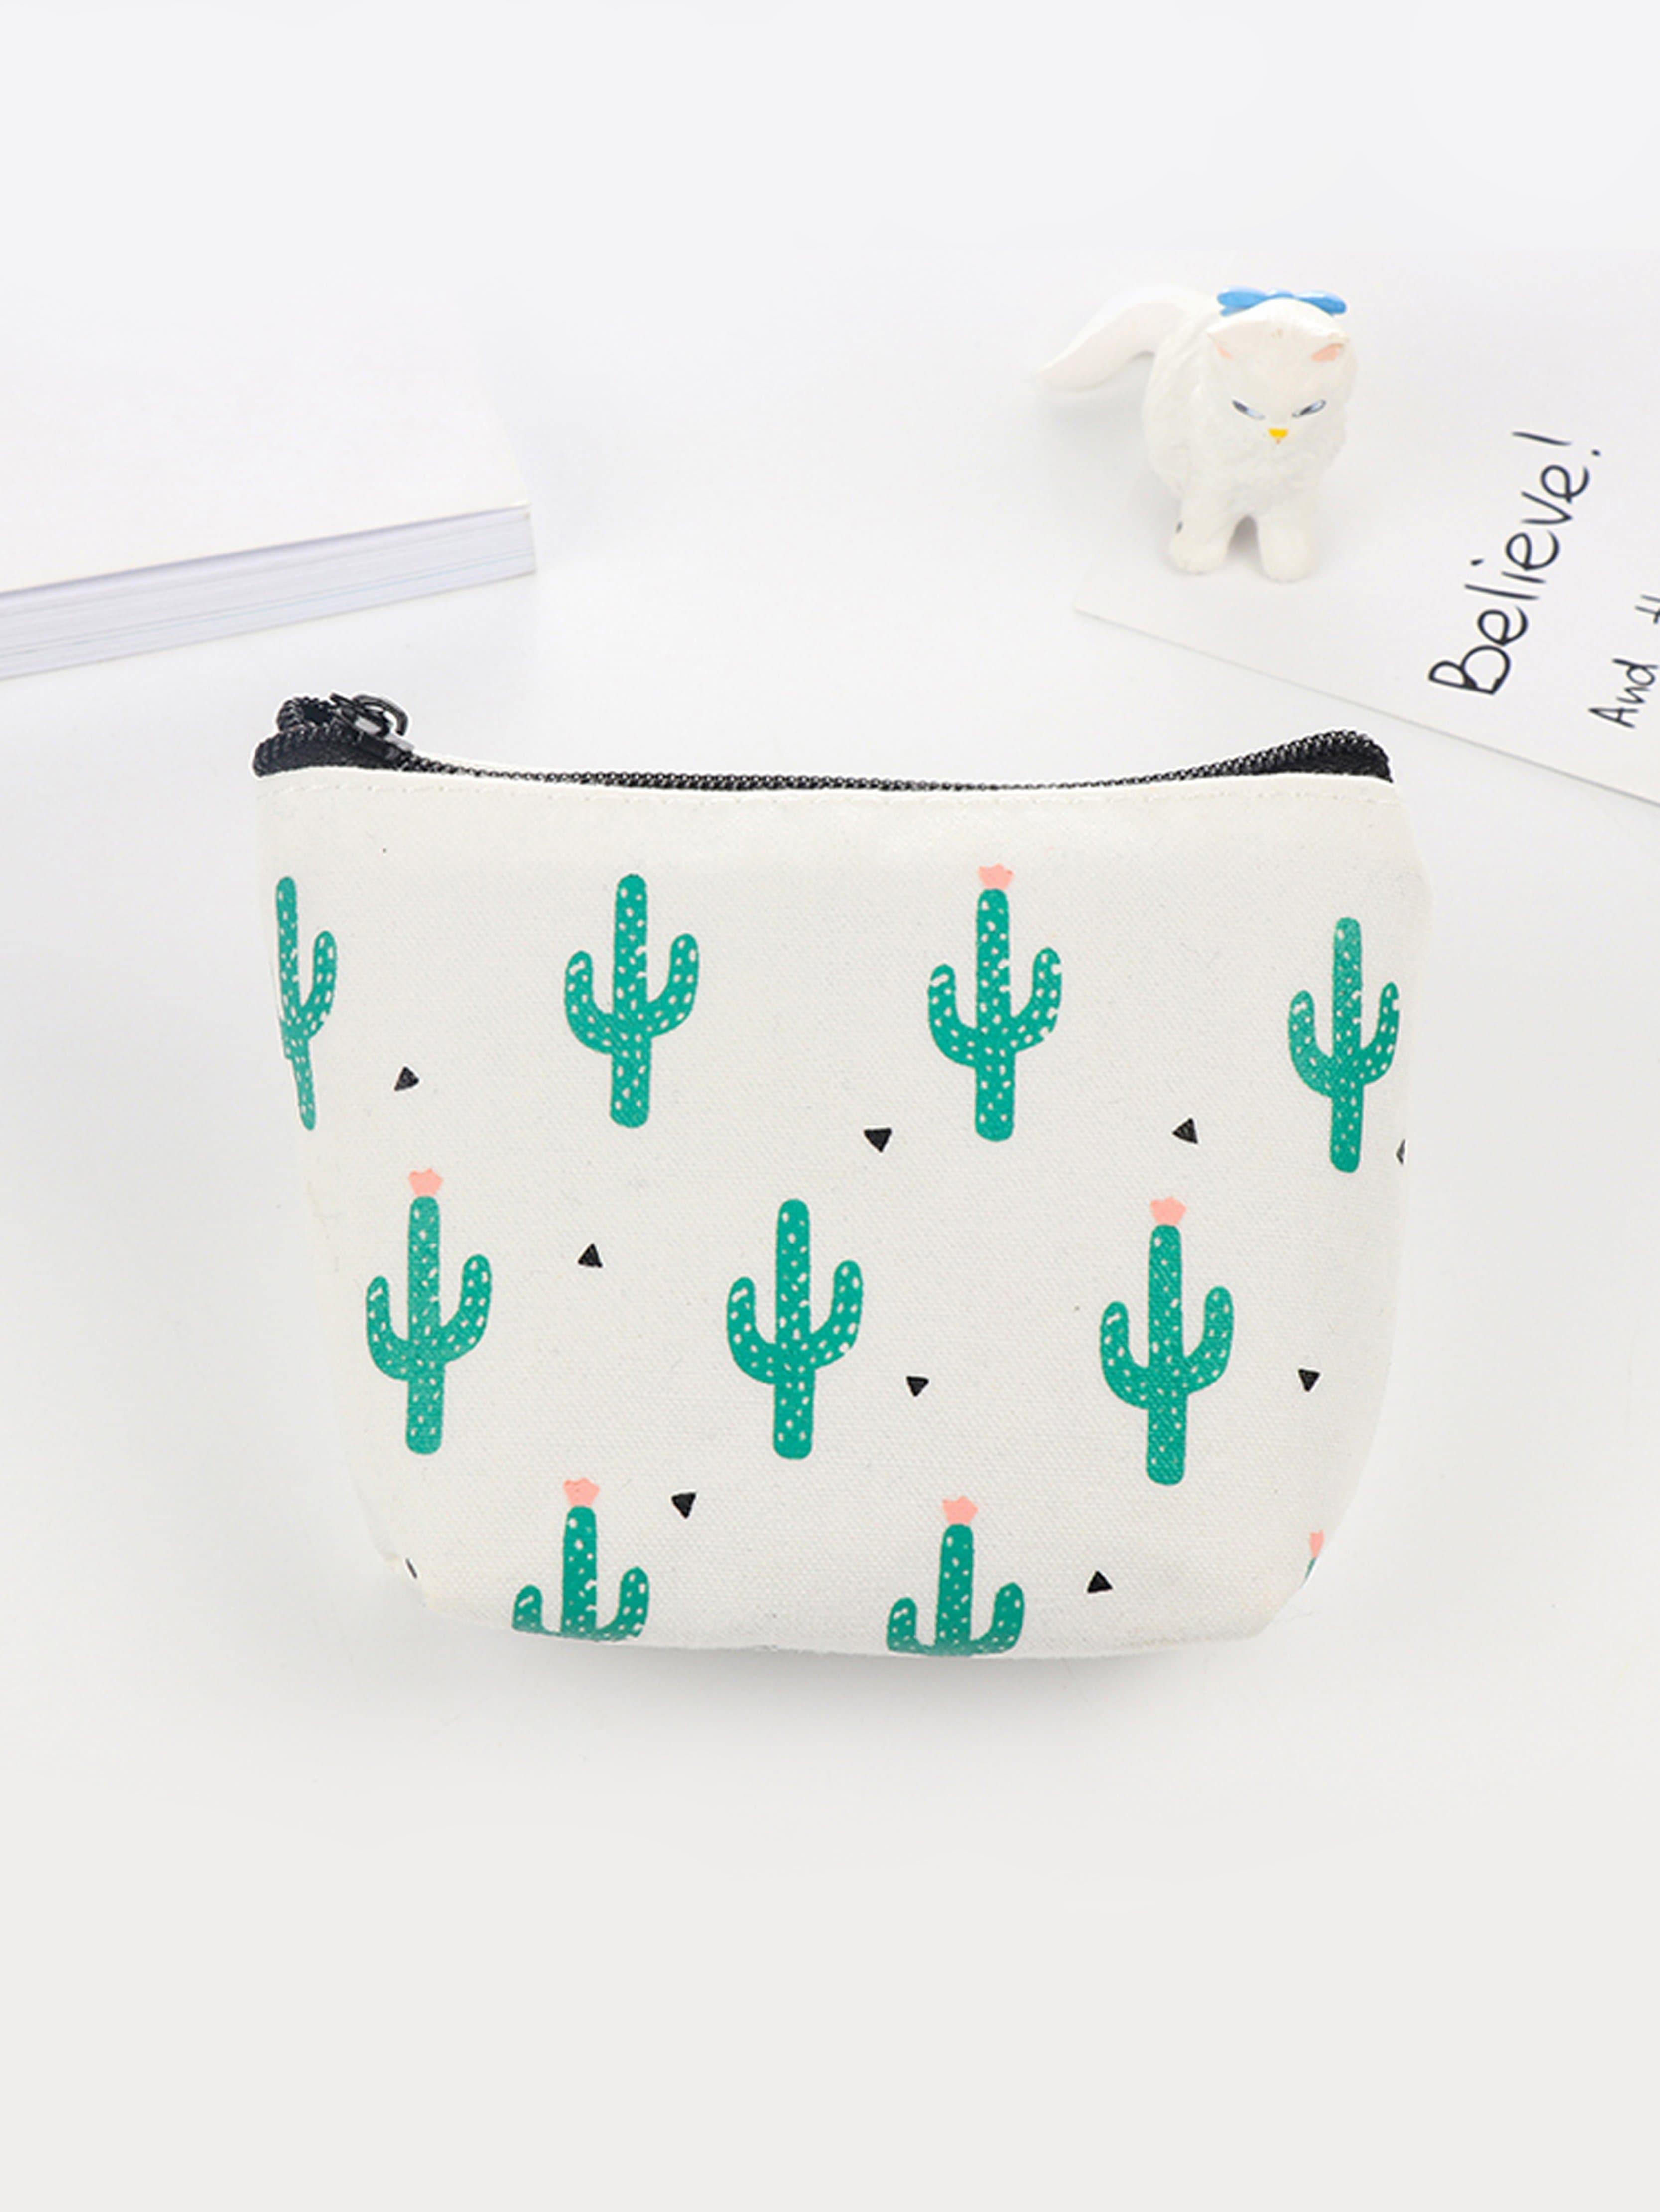 Cacti Print Coin Purse 2017 cute girls coin purses small coin bag key ring kawaii bag kids mini wallet card holders leather cartoon coin purse1bw73